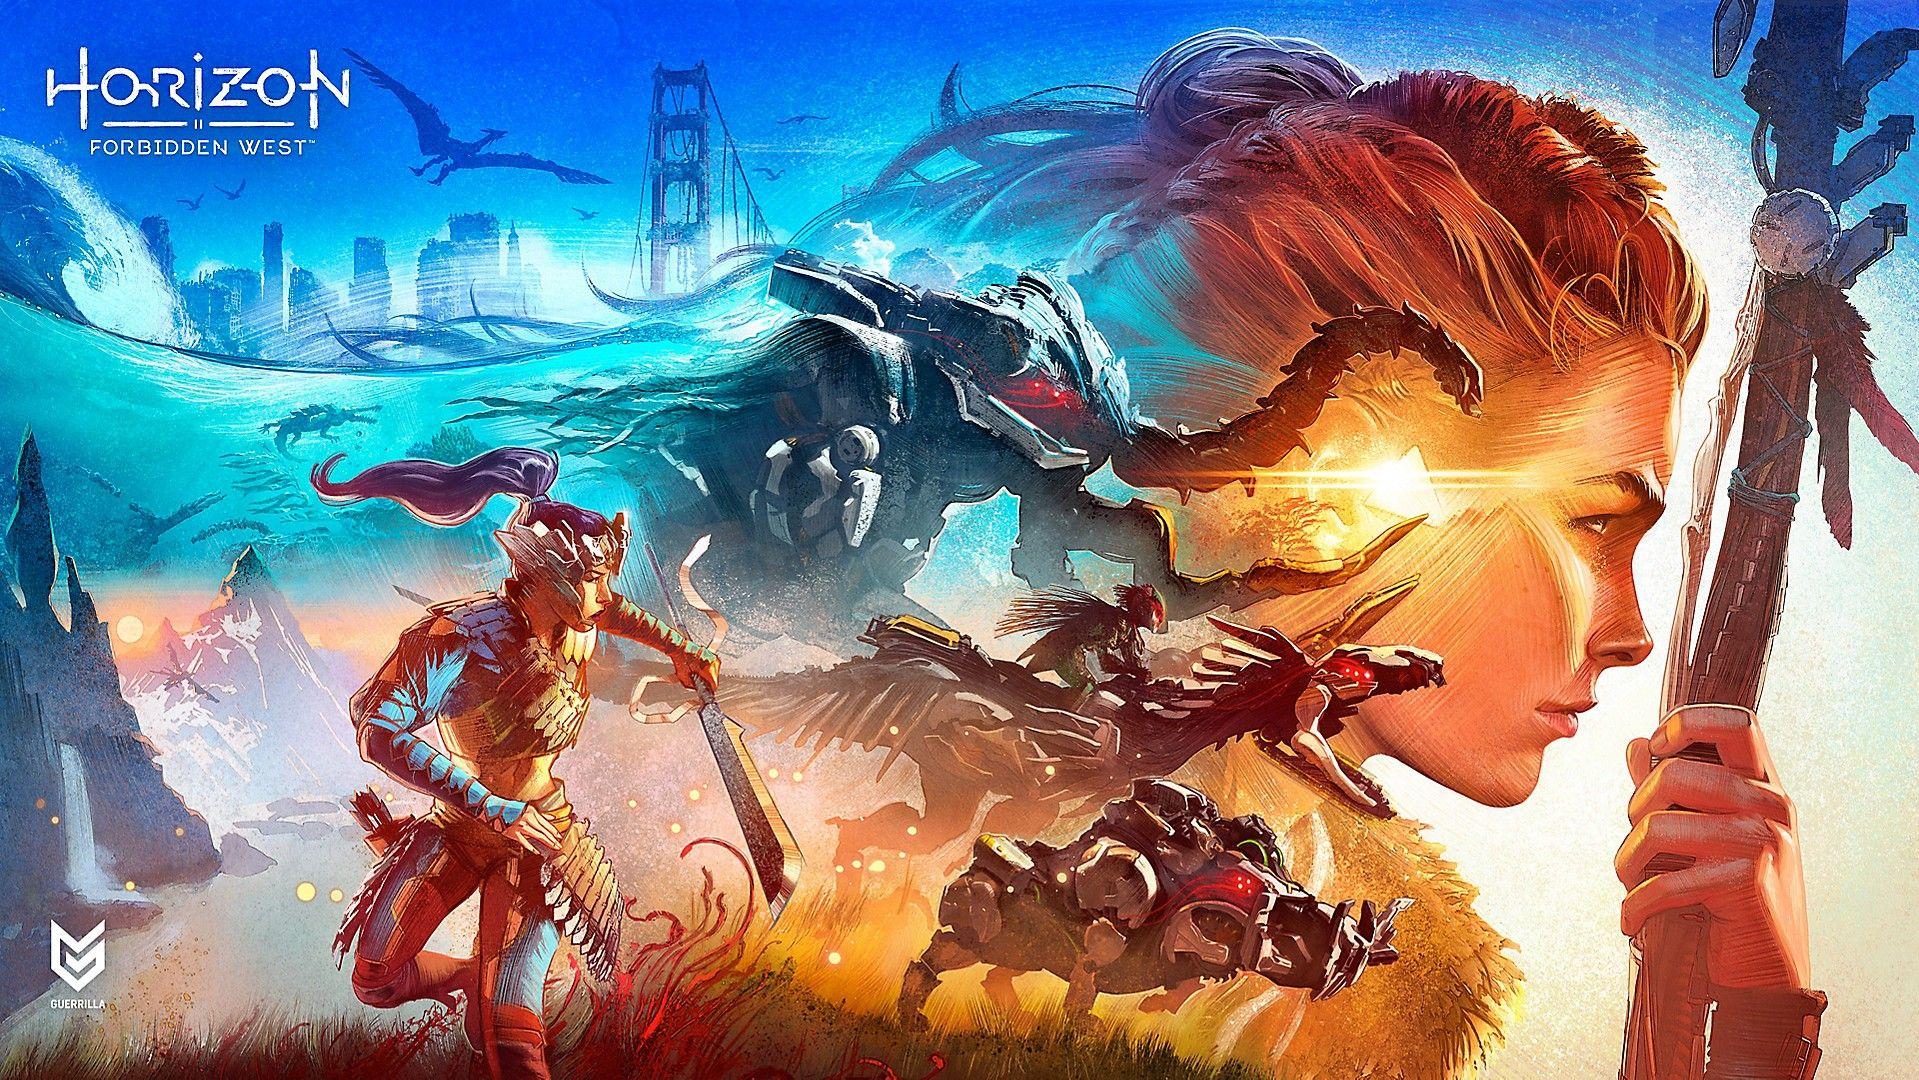 Aloy Horizon Forbidden West 4k Horizon Zero Dawn Wallpaper Horizon Zero Dawn Horizons Ultra hd horizon zero dawn wallpaper 4k